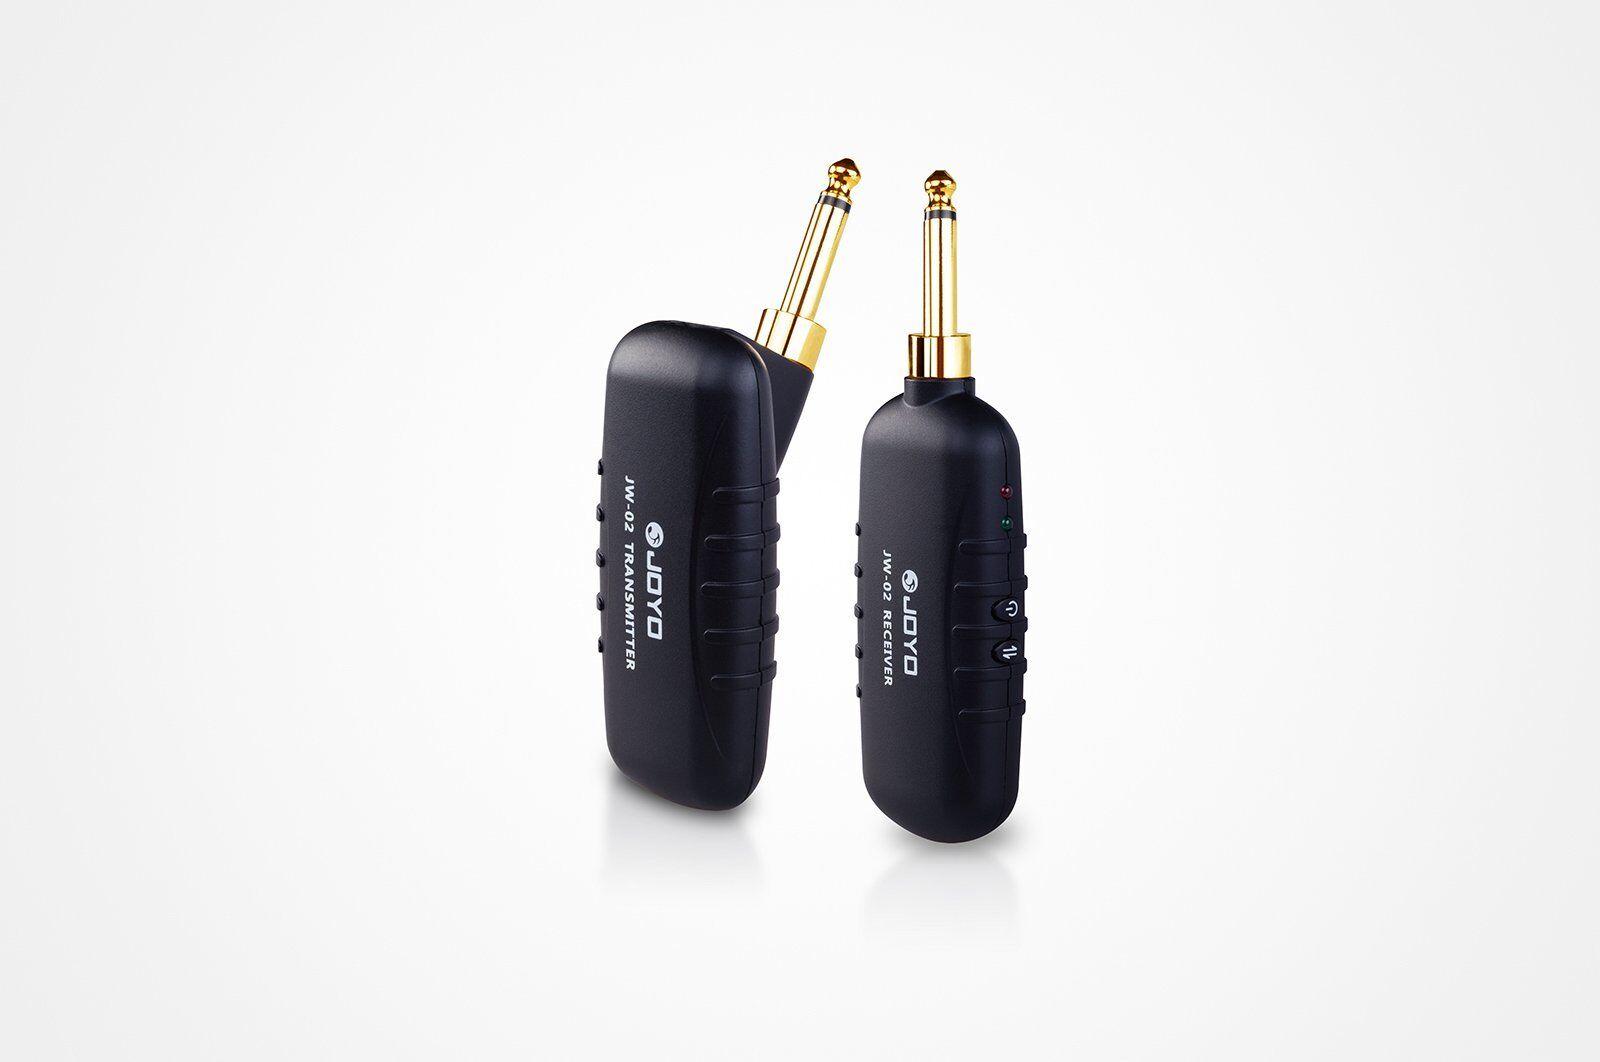 JOYO JW-02 Digital Wireless Guitar Transmitter & Receiver 5.8G Wireless System